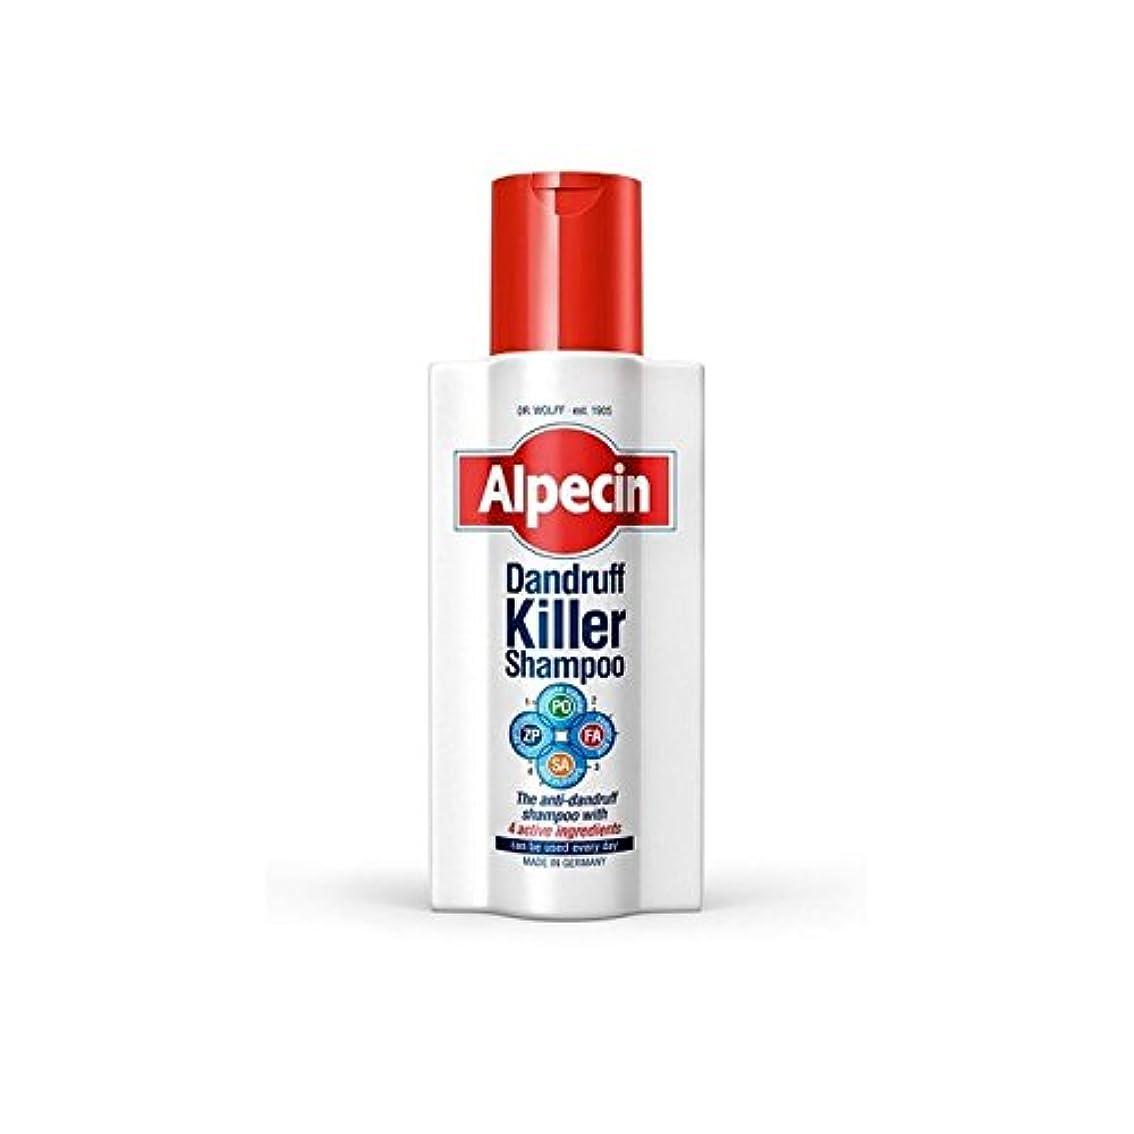 ぺディカブスーパーマーケット事件、出来事Alpecin Dandruff Killer Shampoo (250ml) (Pack of 6) - フケキラーシャンプー(250ミリリットル) x6 [並行輸入品]